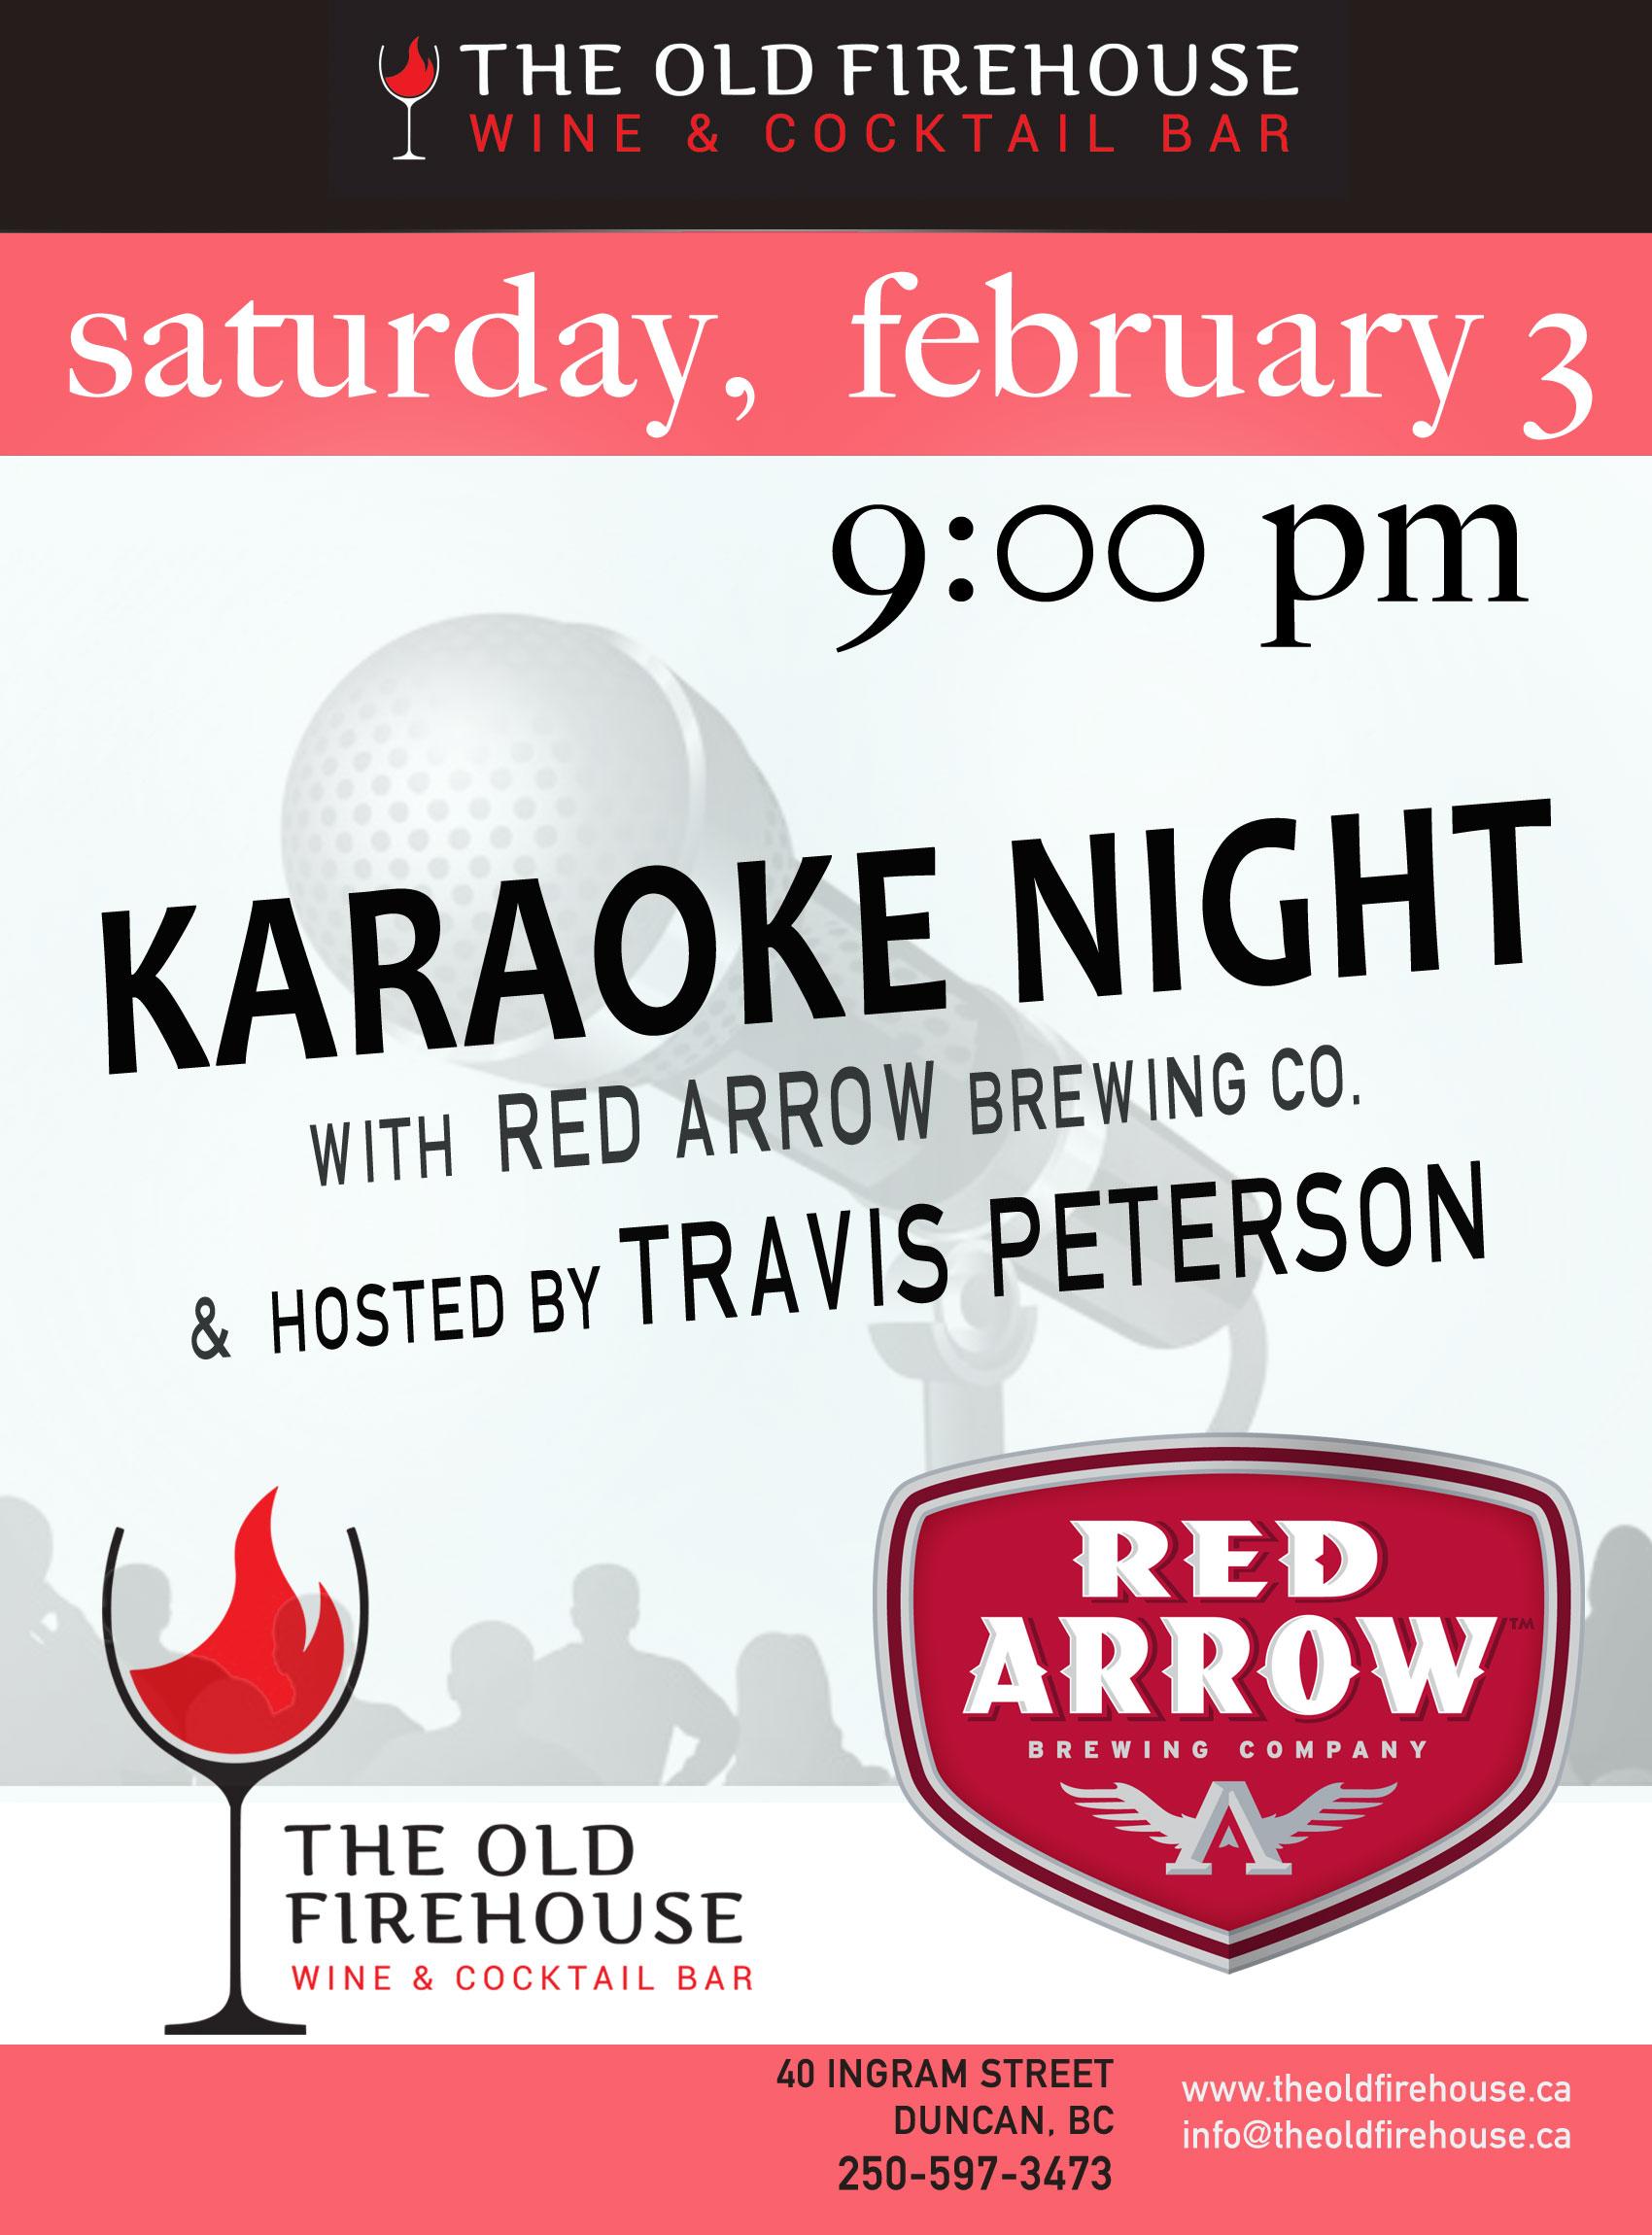 karaoke-poster-red-arrow-February-3.jpg